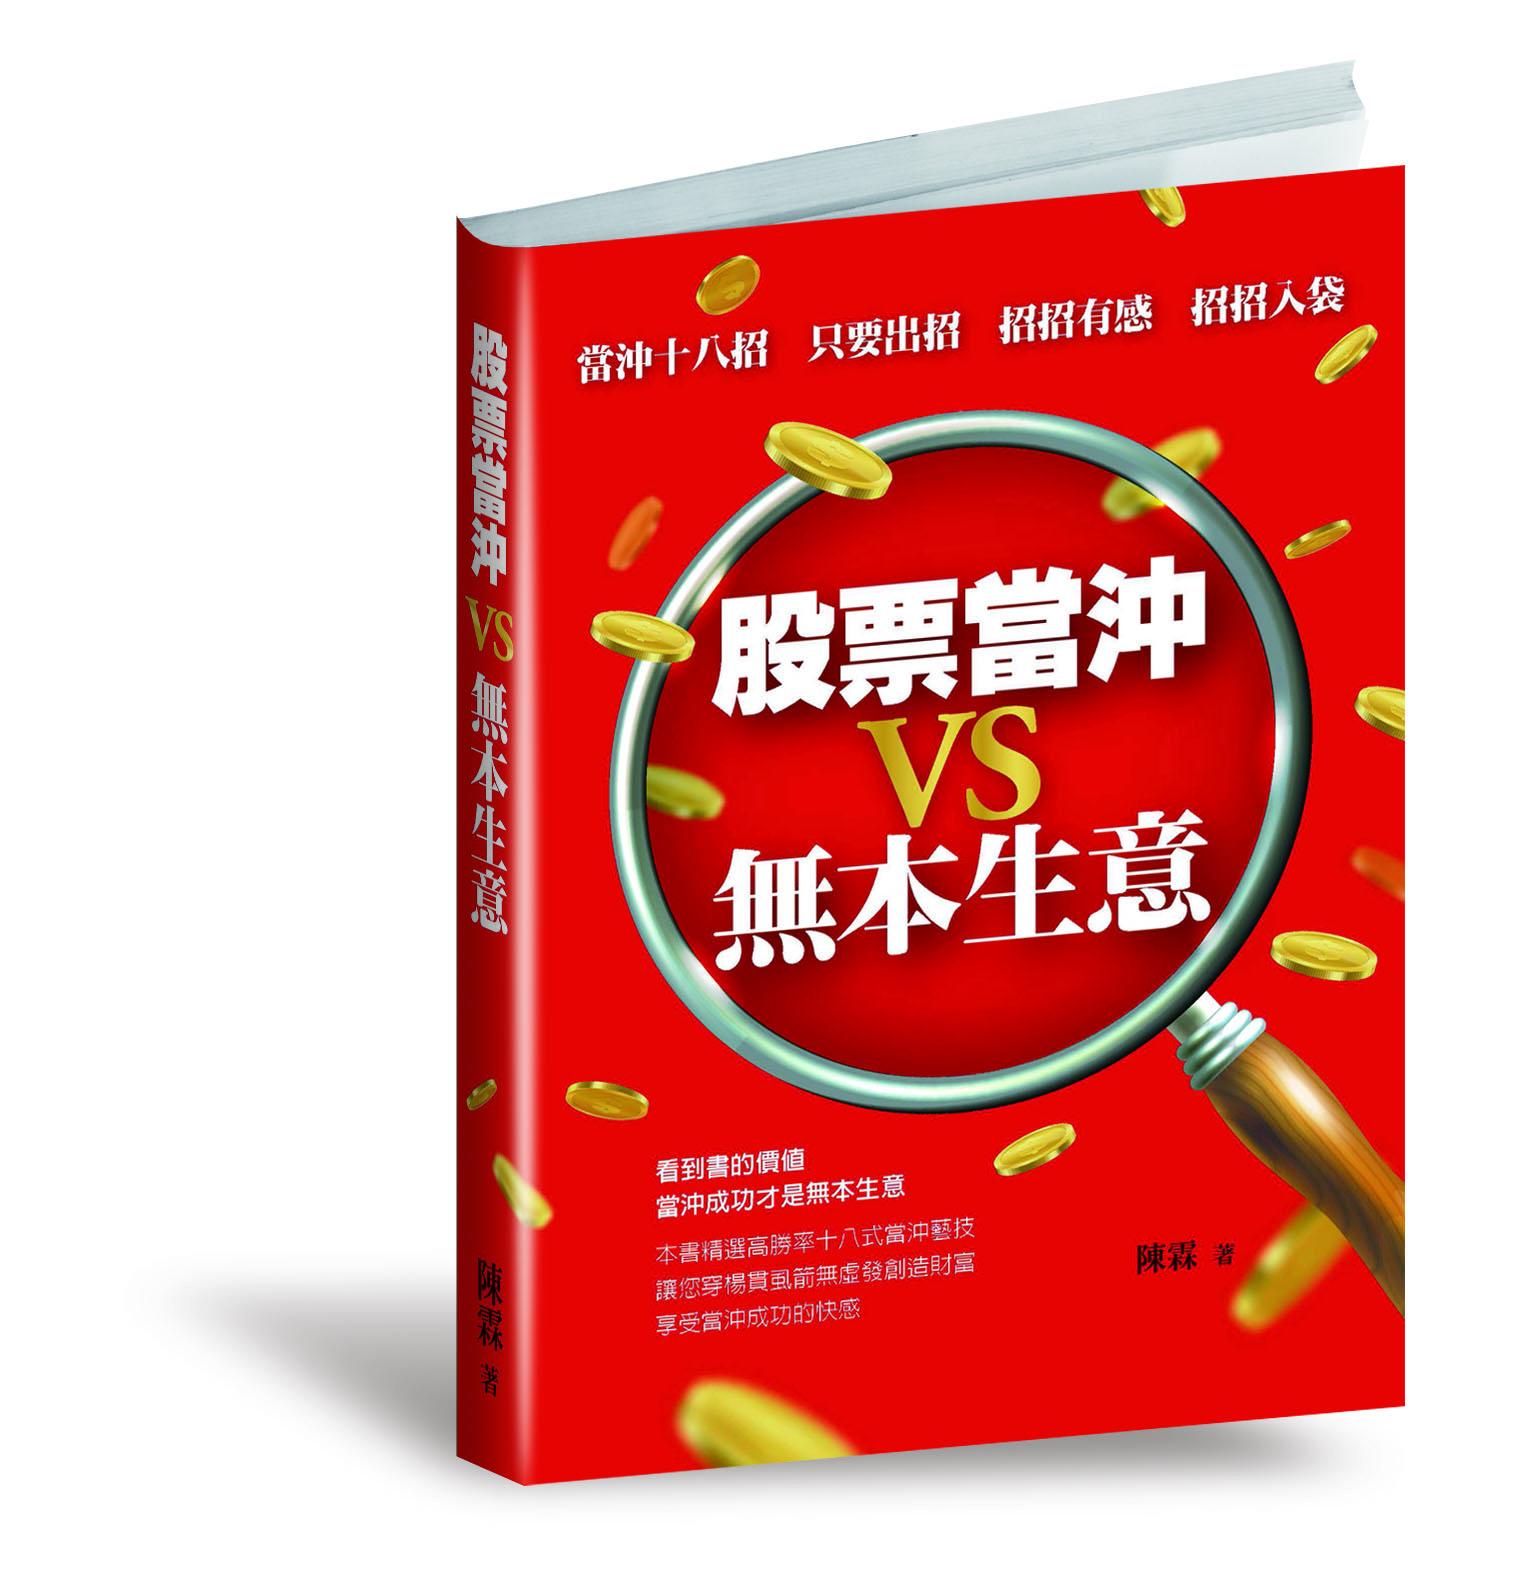 陳霖-25K-股期權 SOP 操盤秘技-封面-2修